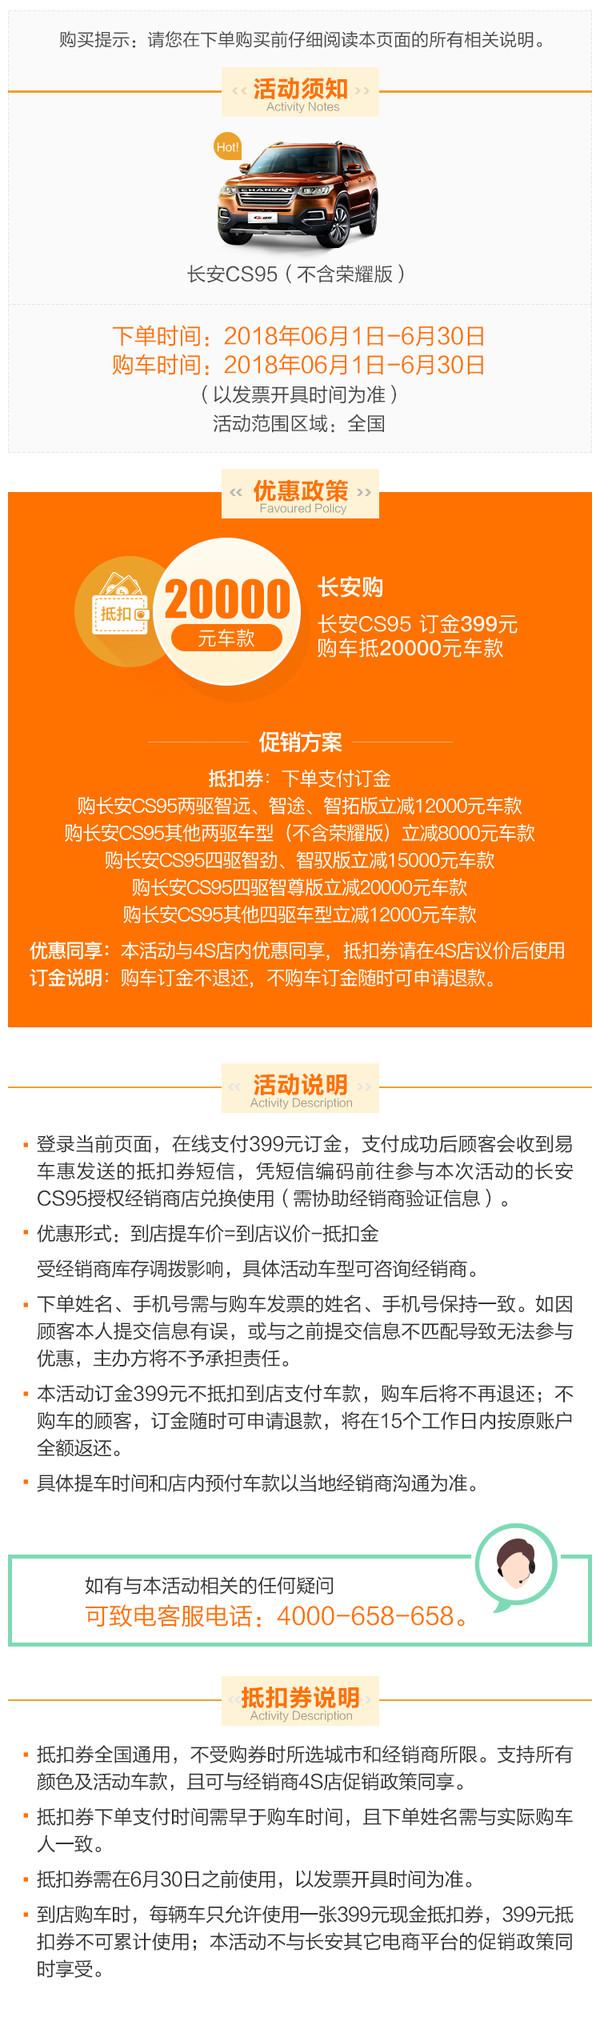 长安 CS95 线上专享优惠